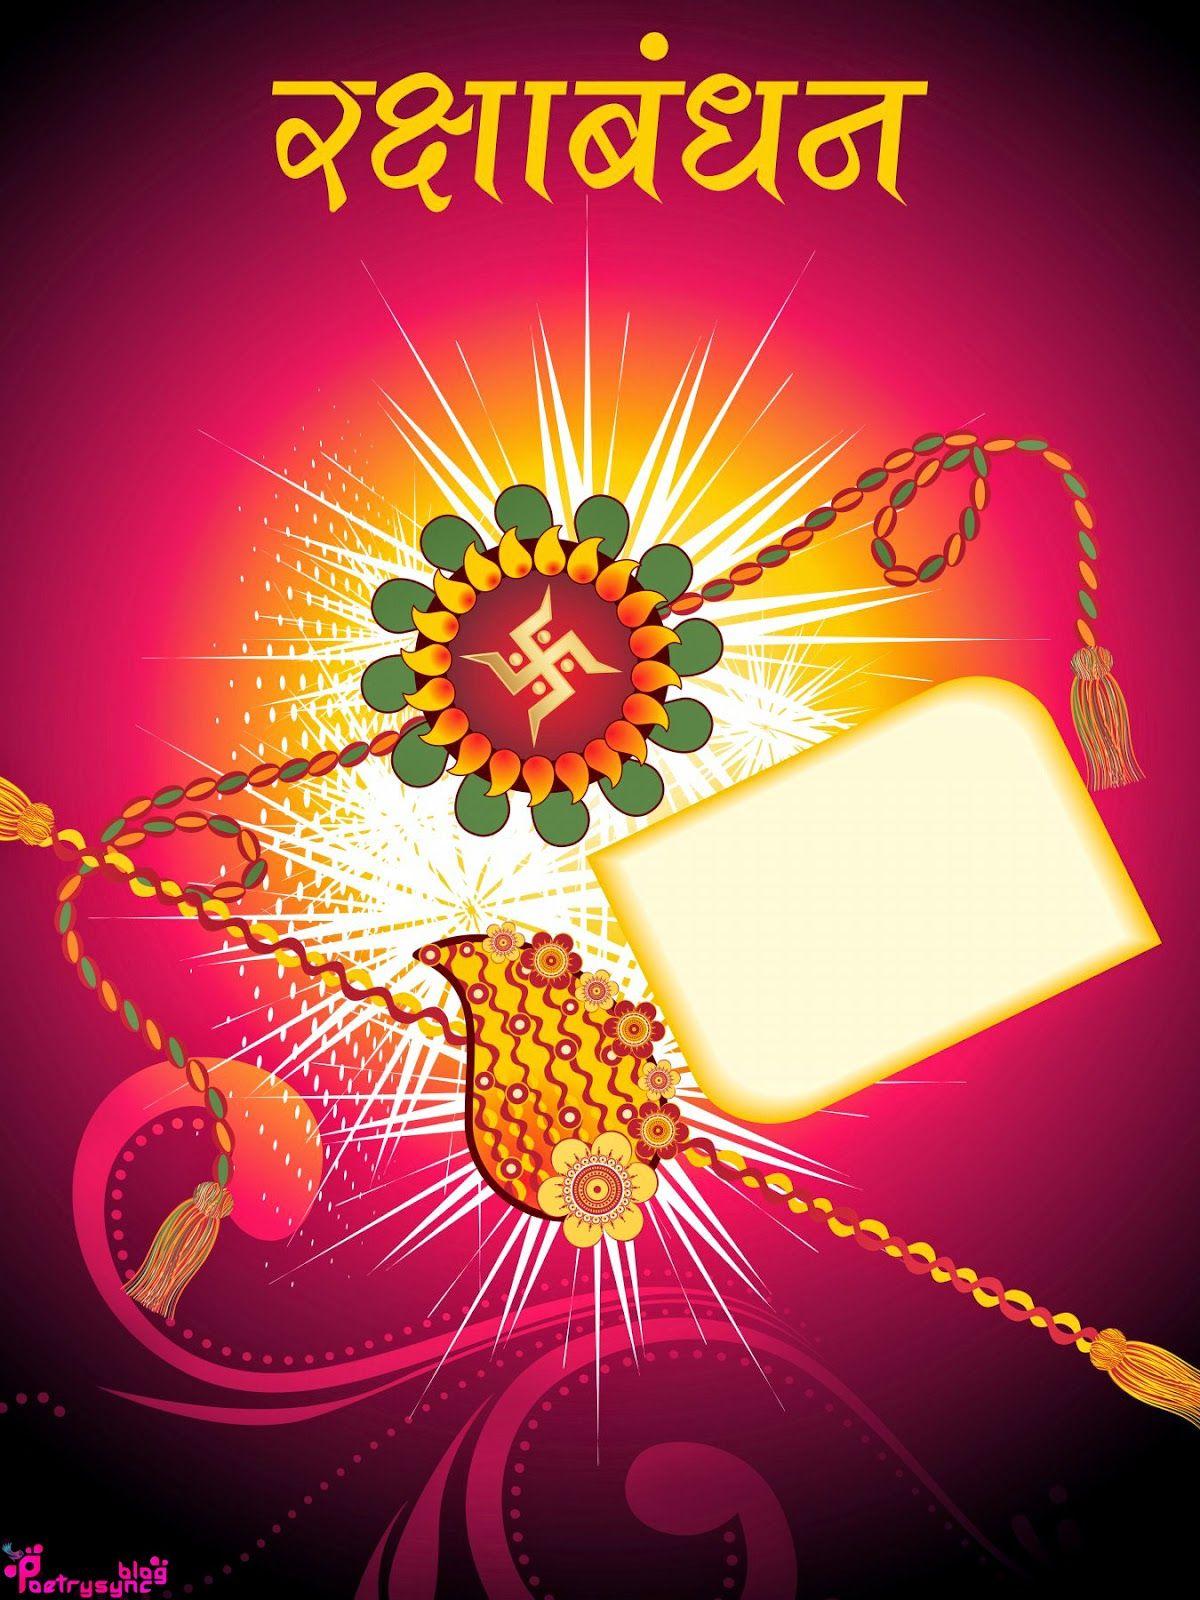 Images Of Raksha Bandhan Greeting Cards 2014 | Poetry | Rakhi Cards - Free Online Printable Rakhi Cards